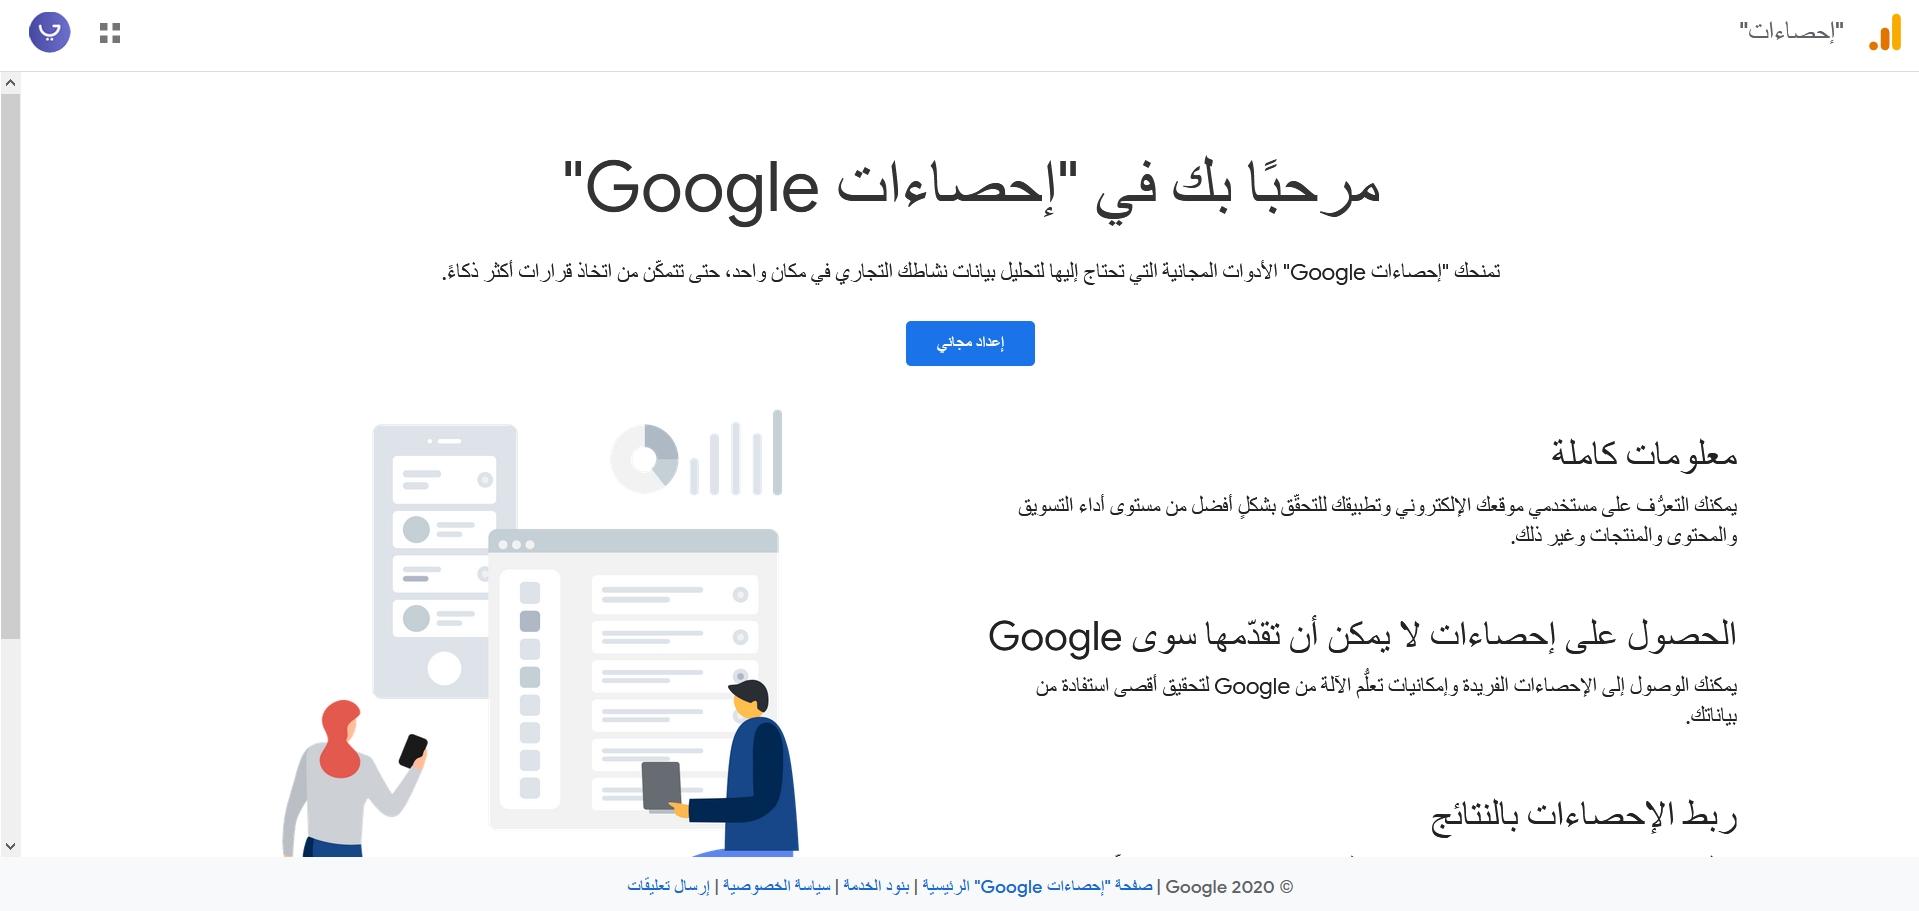 ما هي خدمة Google Analytics؟ وكيف تستخدمها وتربطها بمتجرك الإلكتروني؟